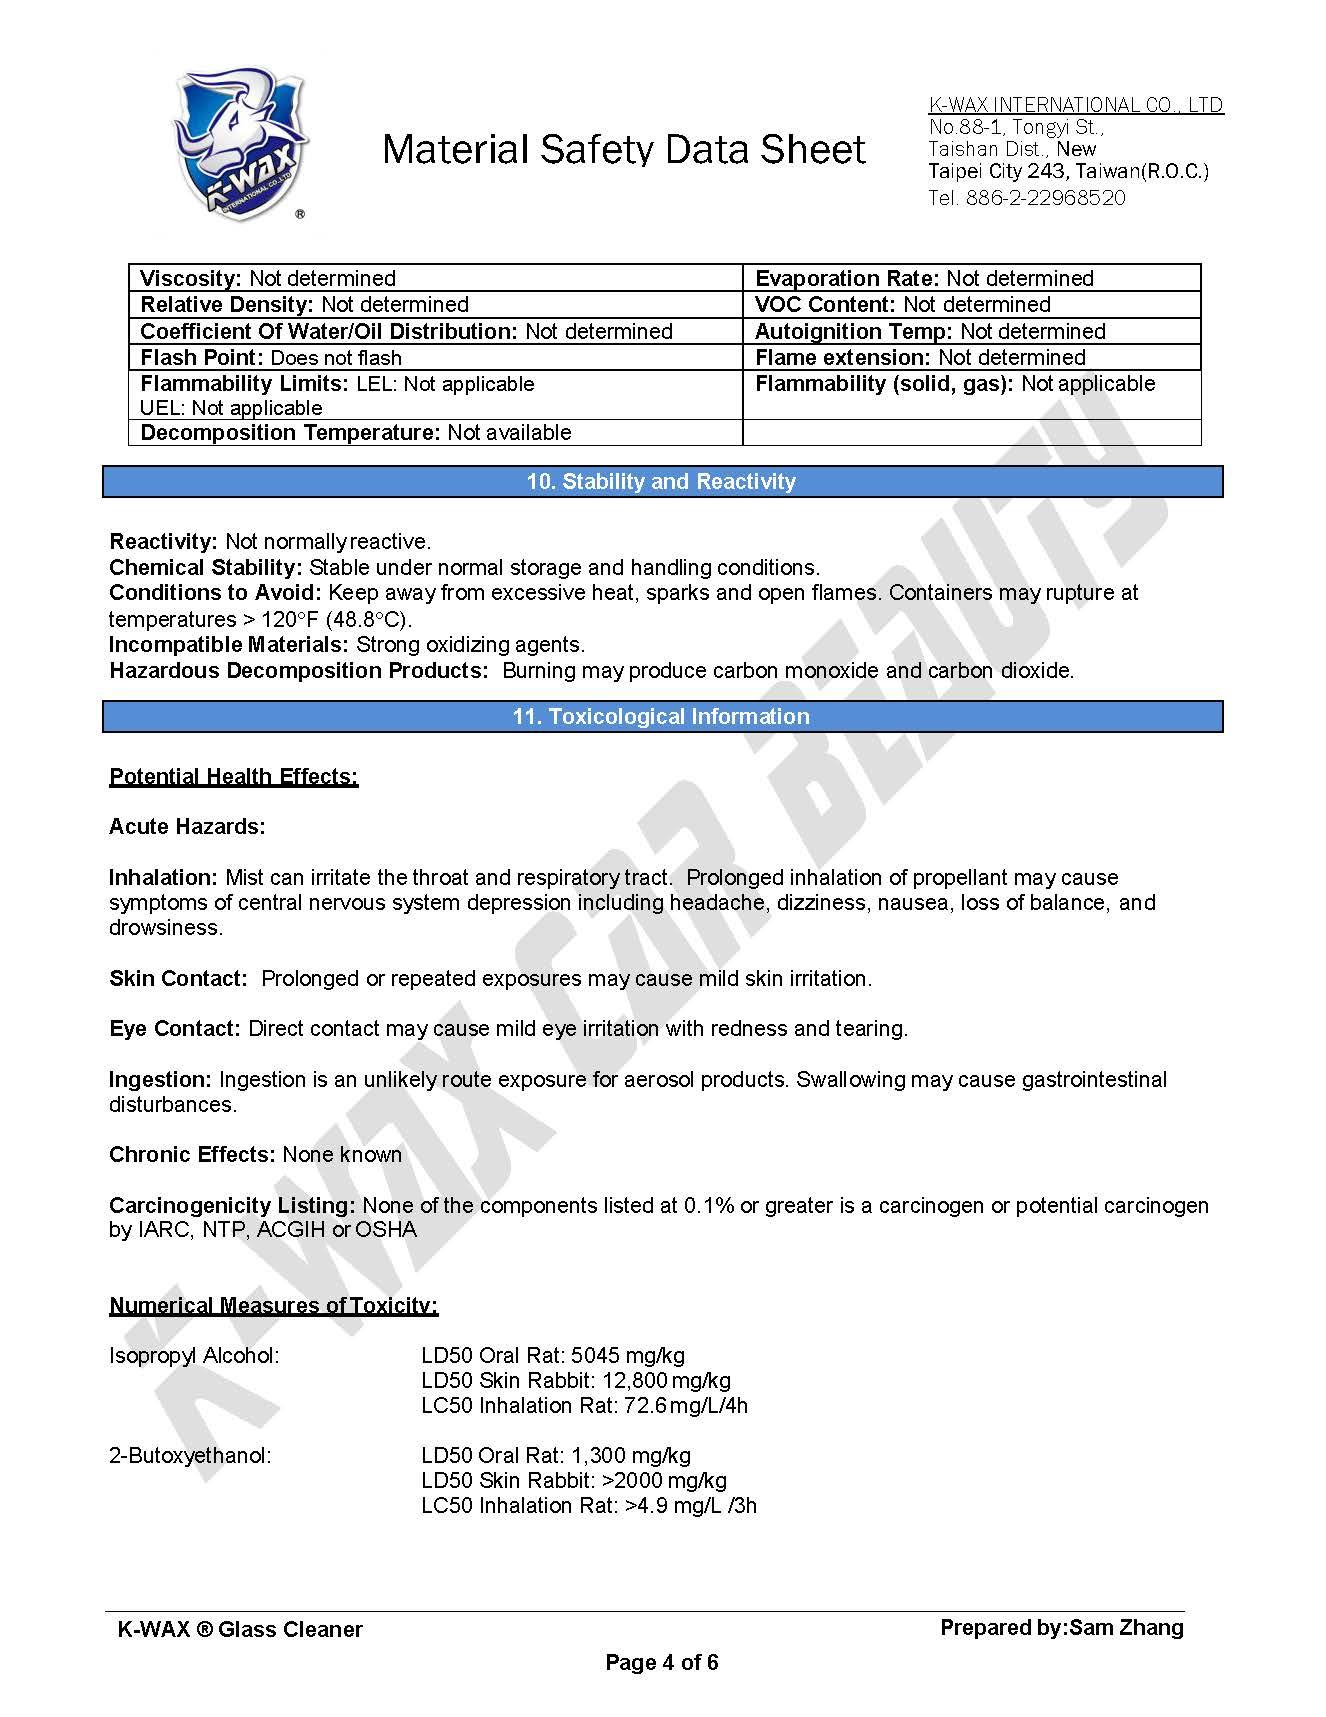 玻璃清潔劑 MSDS_页面_4.jpg